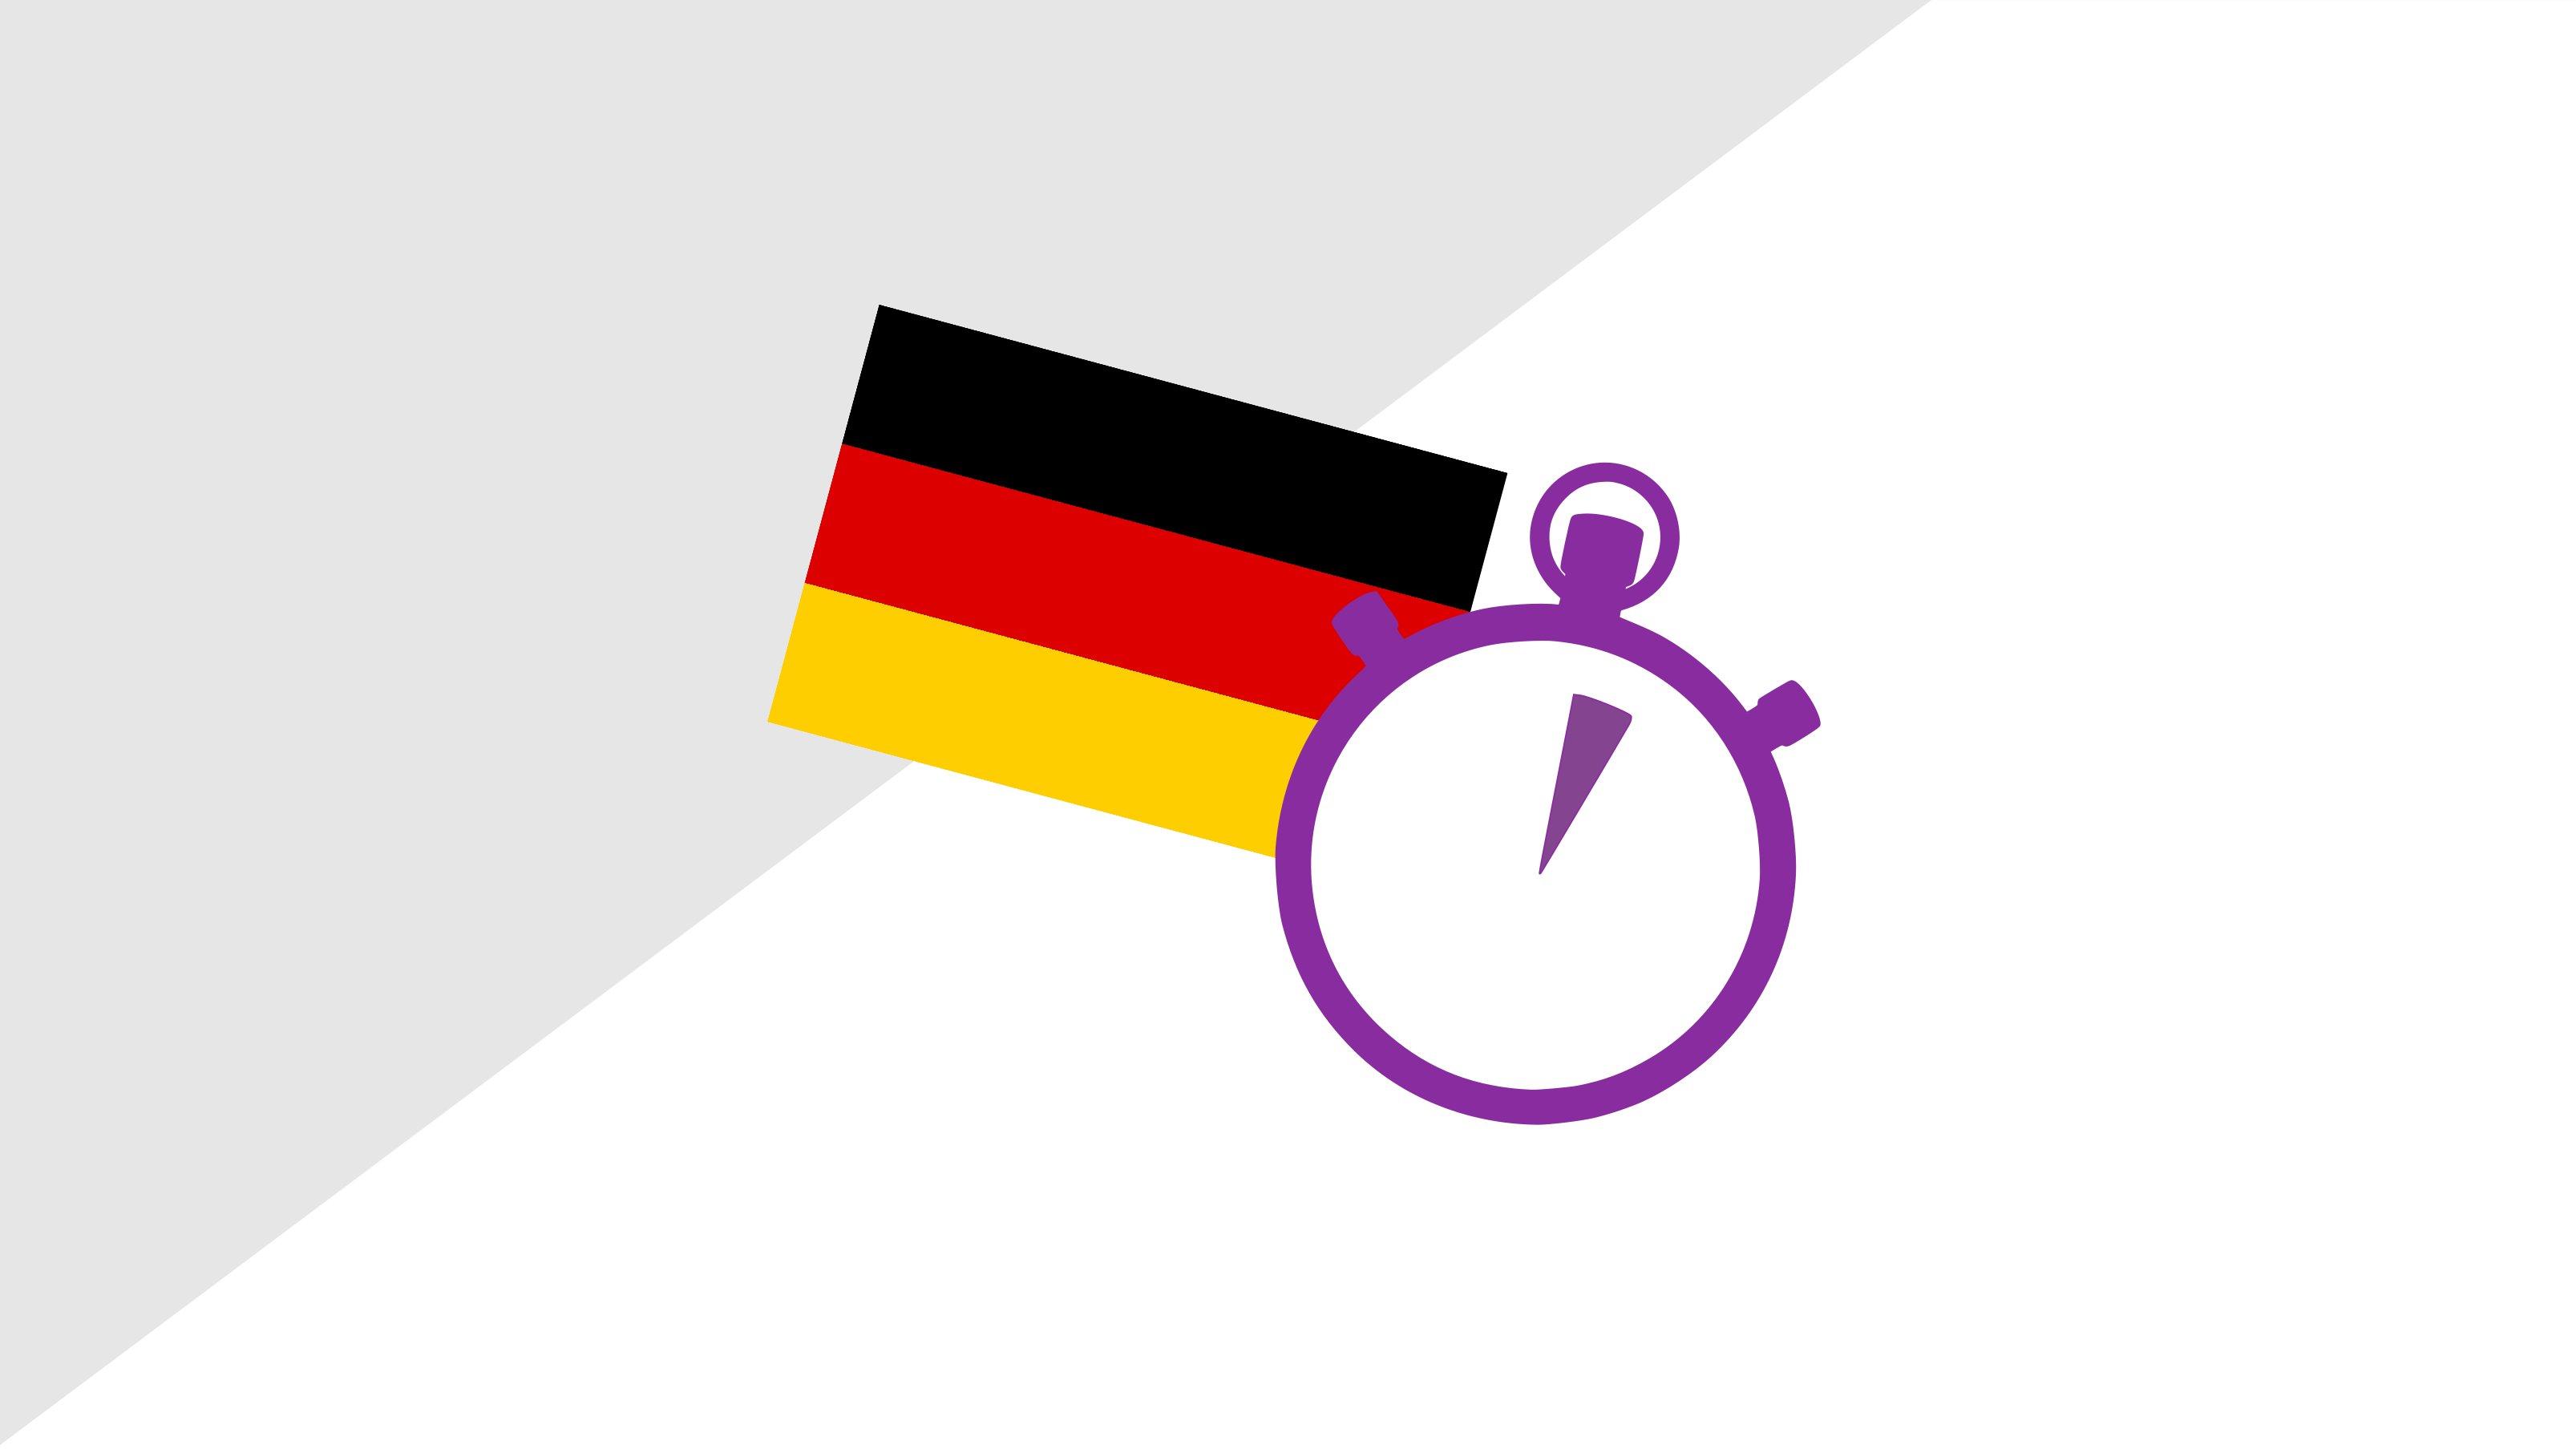 3 Minute German - Free taster